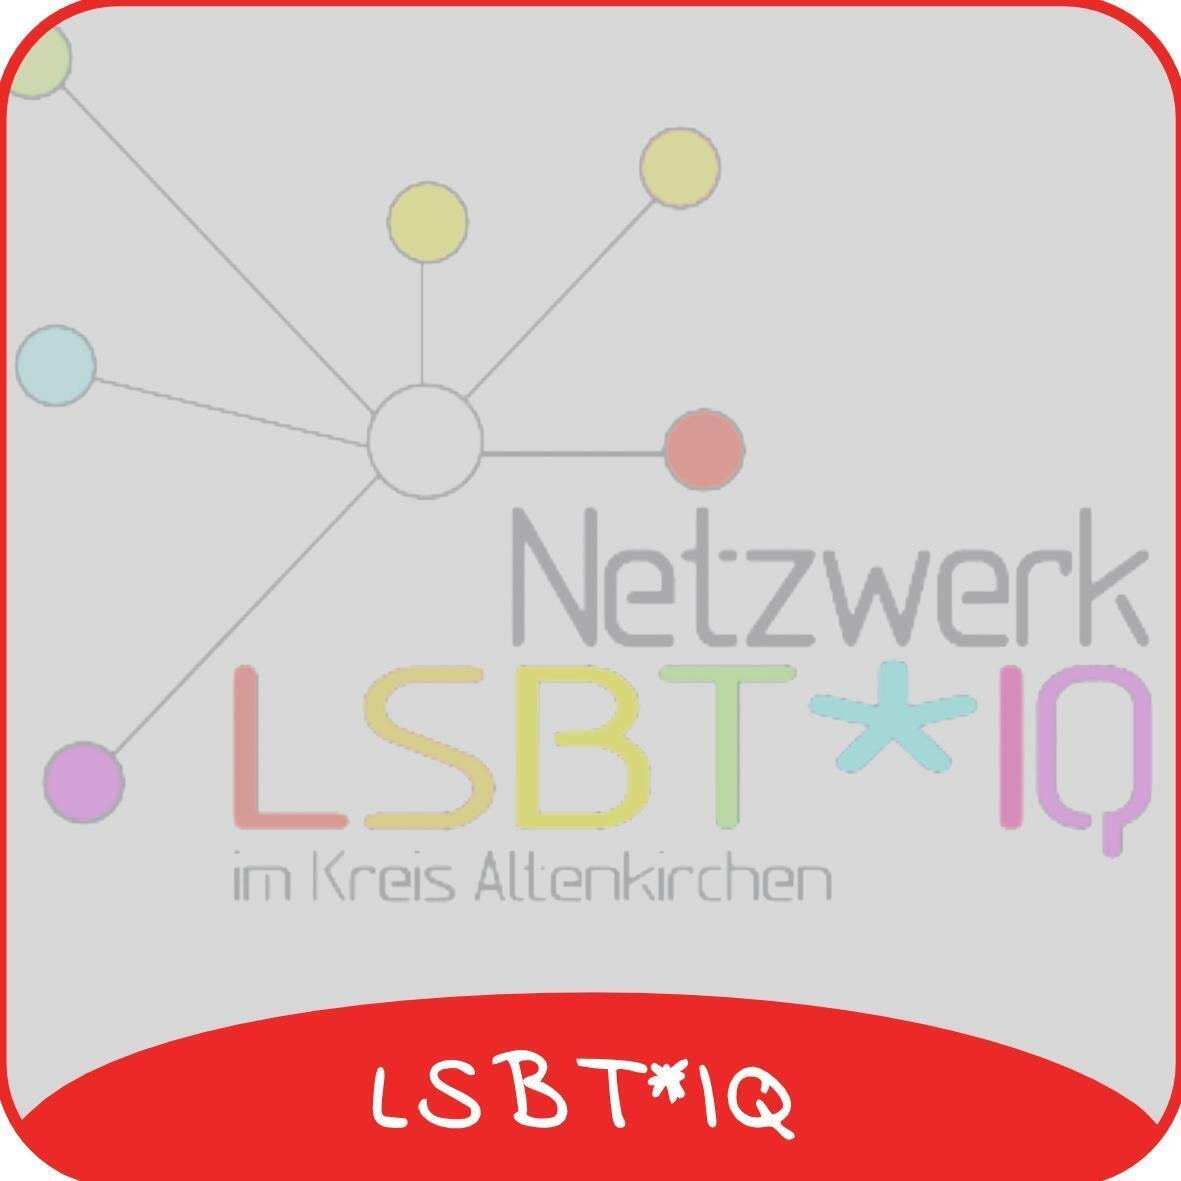 LSBT*IQ